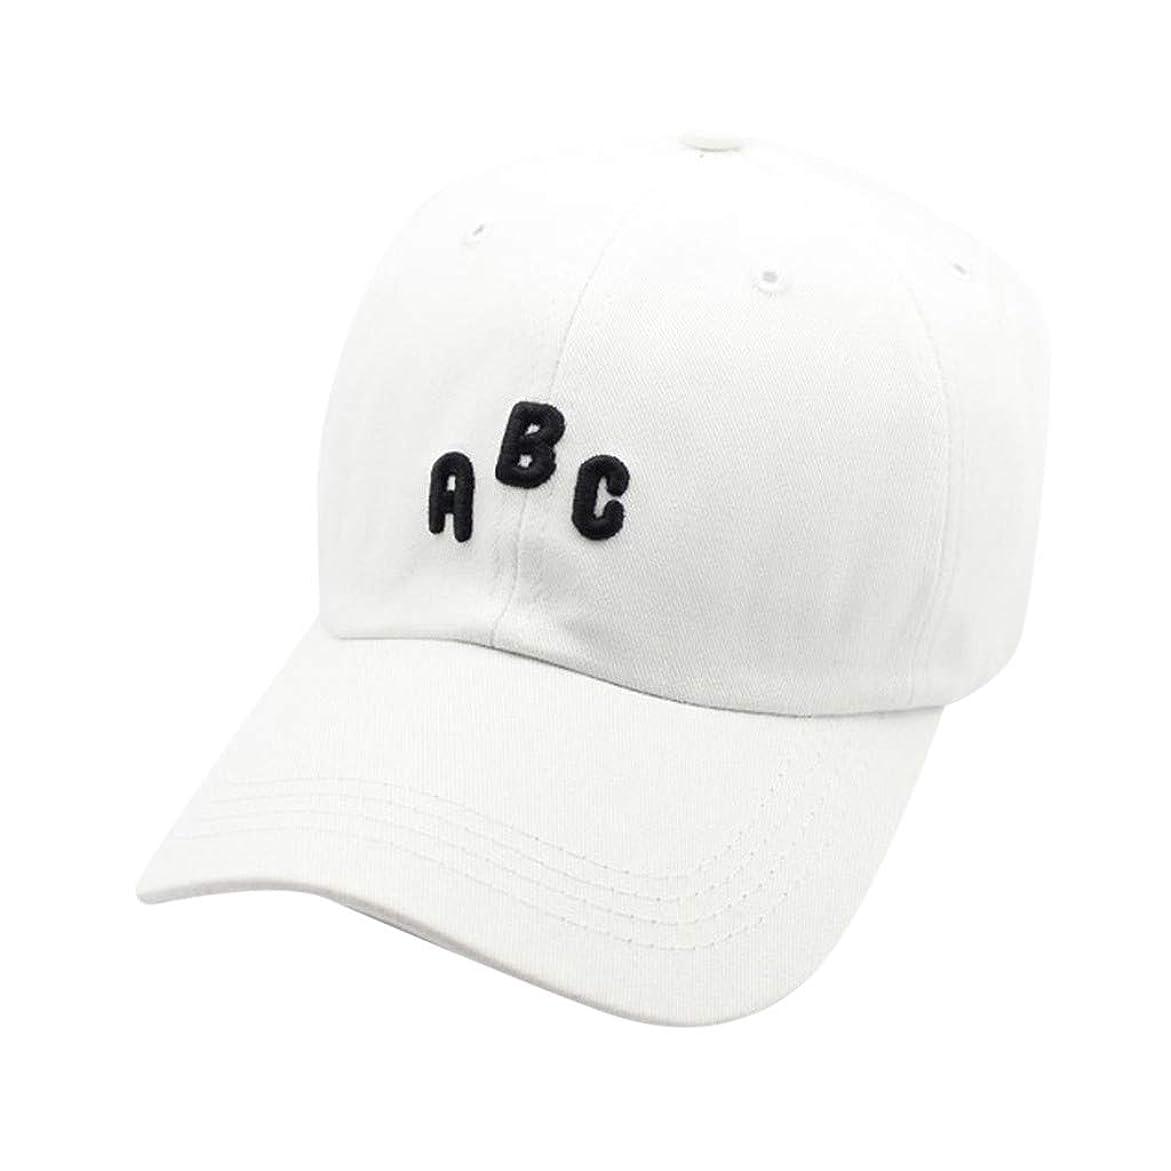 名前を作る波紋鑑定レンコス(Lemcos) 刺繍入り野球帽アヒル舌帽子アウトドアレジャーキャップ調節可能な野球帽野球帽お父さん帽子 速乾 帽子 通気性抜群 野球帽 釣り アウトドア ゴルフ 男女兼用 日よけ スポーツ帽子